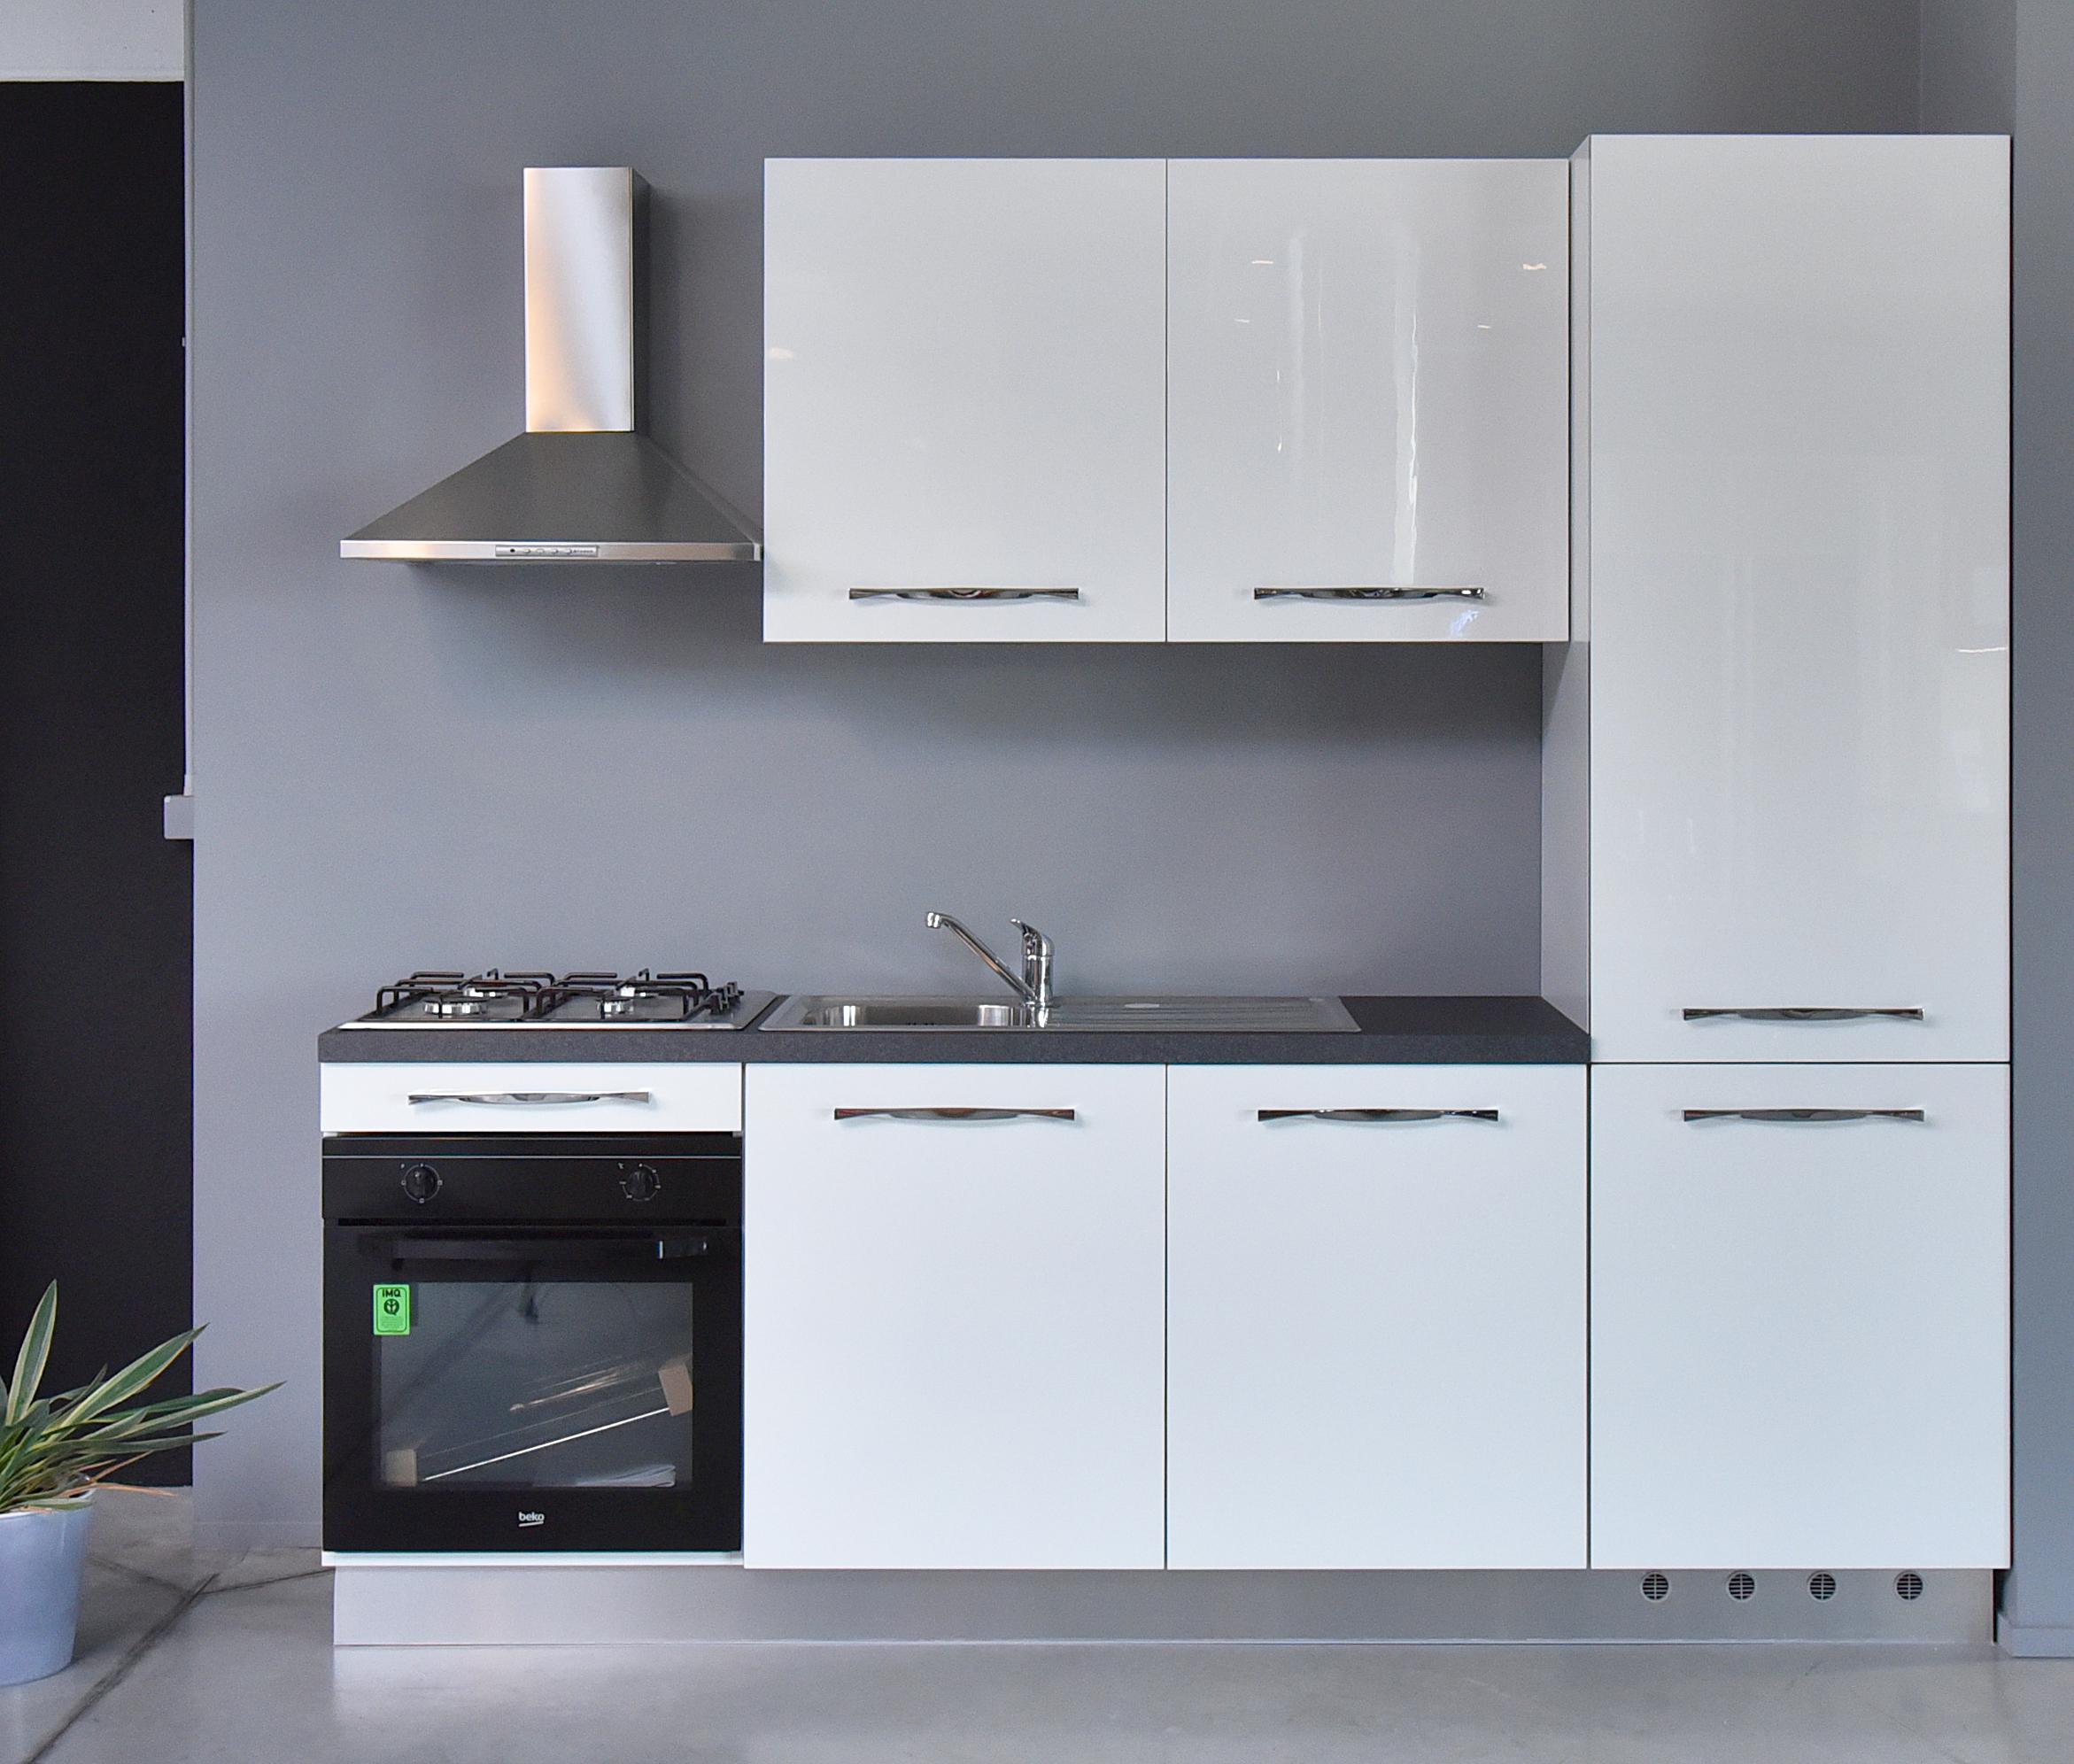 cucina 05 - 01.jpg